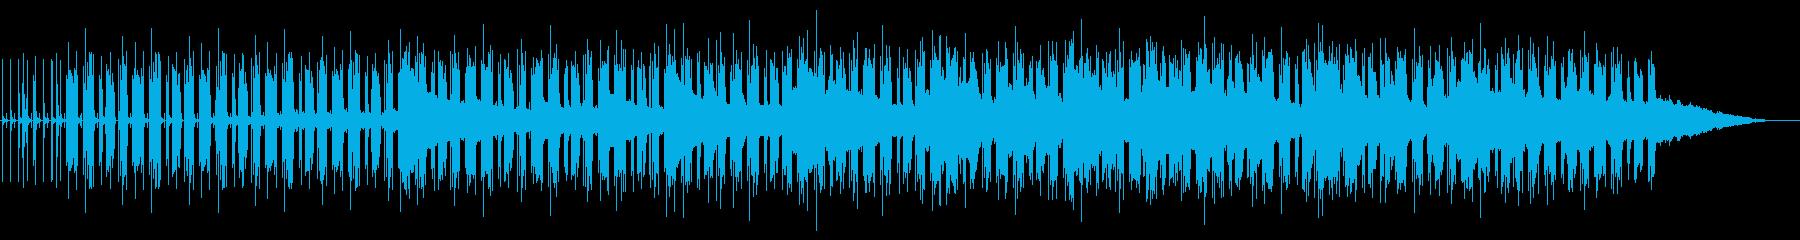 キネマティックな緊迫感のあるテクノの再生済みの波形